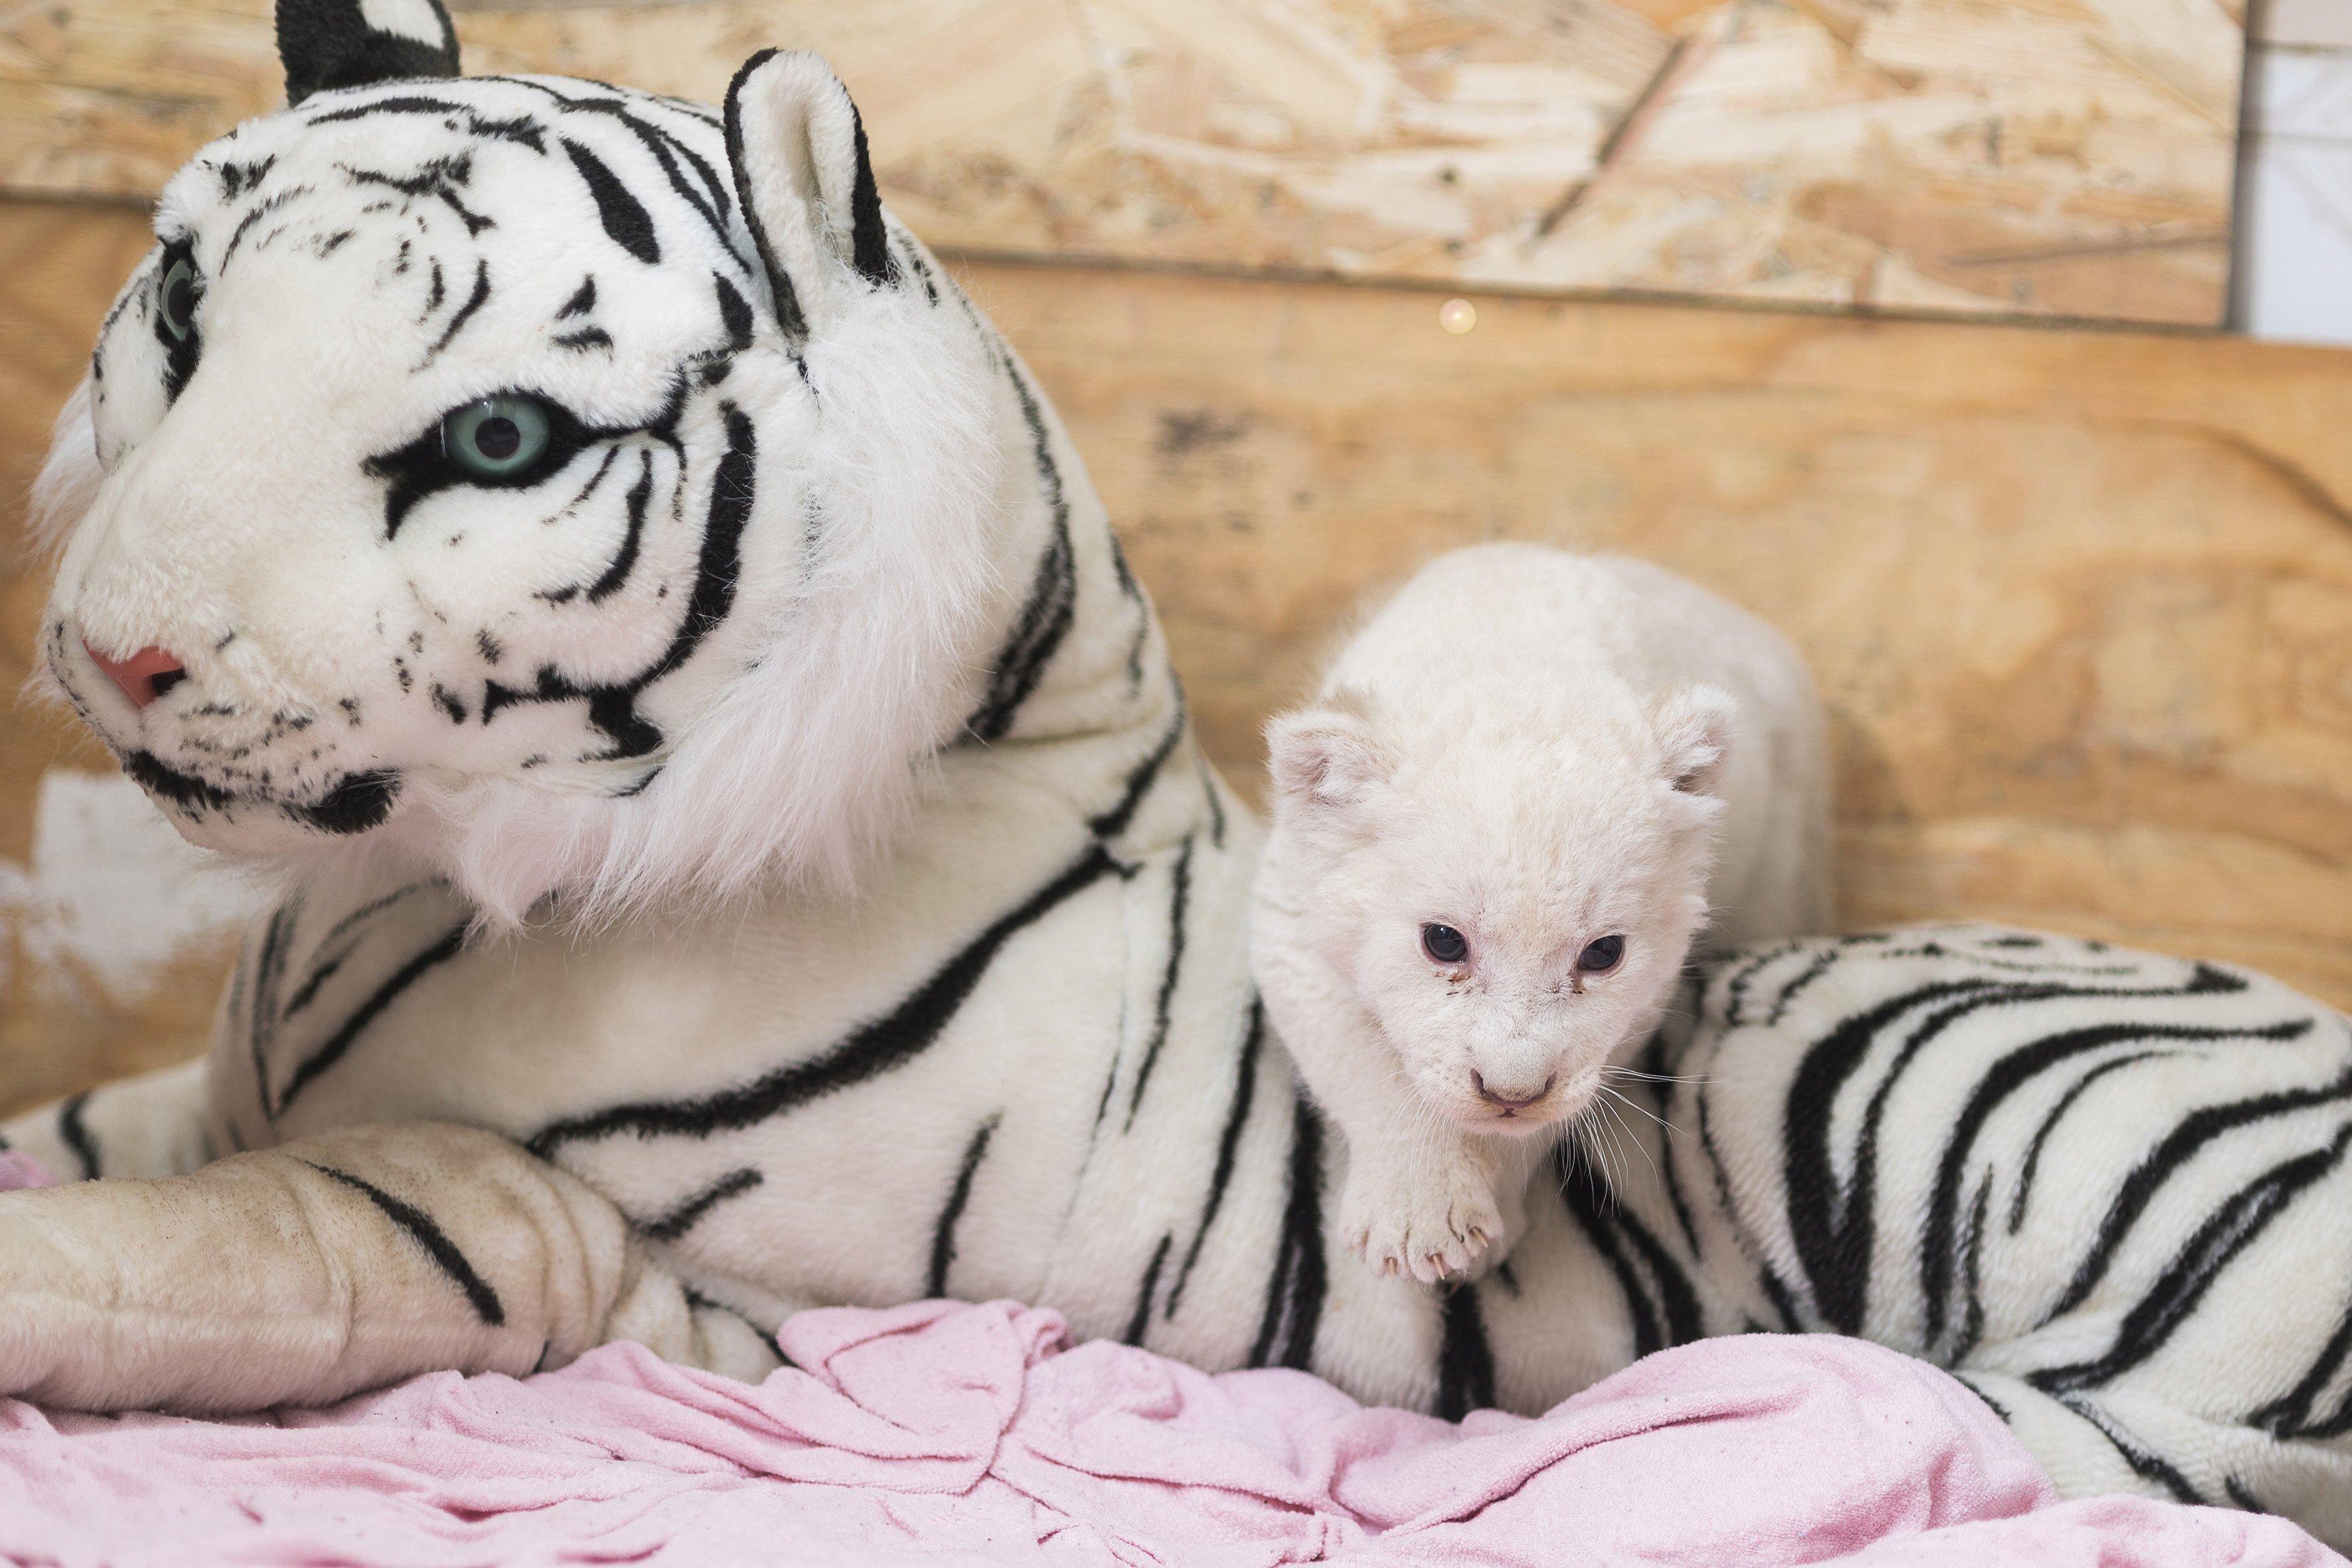 Nyíregyháza, 2016. szeptember 28. Öthetes nõstény fehér dél-afrikai oroszlán (Panthera leo krugeri) az anyaállatot pótló plüsstigris mellett Herlicska Anikó állatgondozó szolgálati lakásában, a Nyíregyházi Állatparkban 2016. szeptember 27-én. A kölyök háromhetes korában az anyaállat teje elapadt, ezért a gondozó vállalta át a ritka színváltozatú kisoroszlán nevelését. MTI Fotó: Balázs Attila